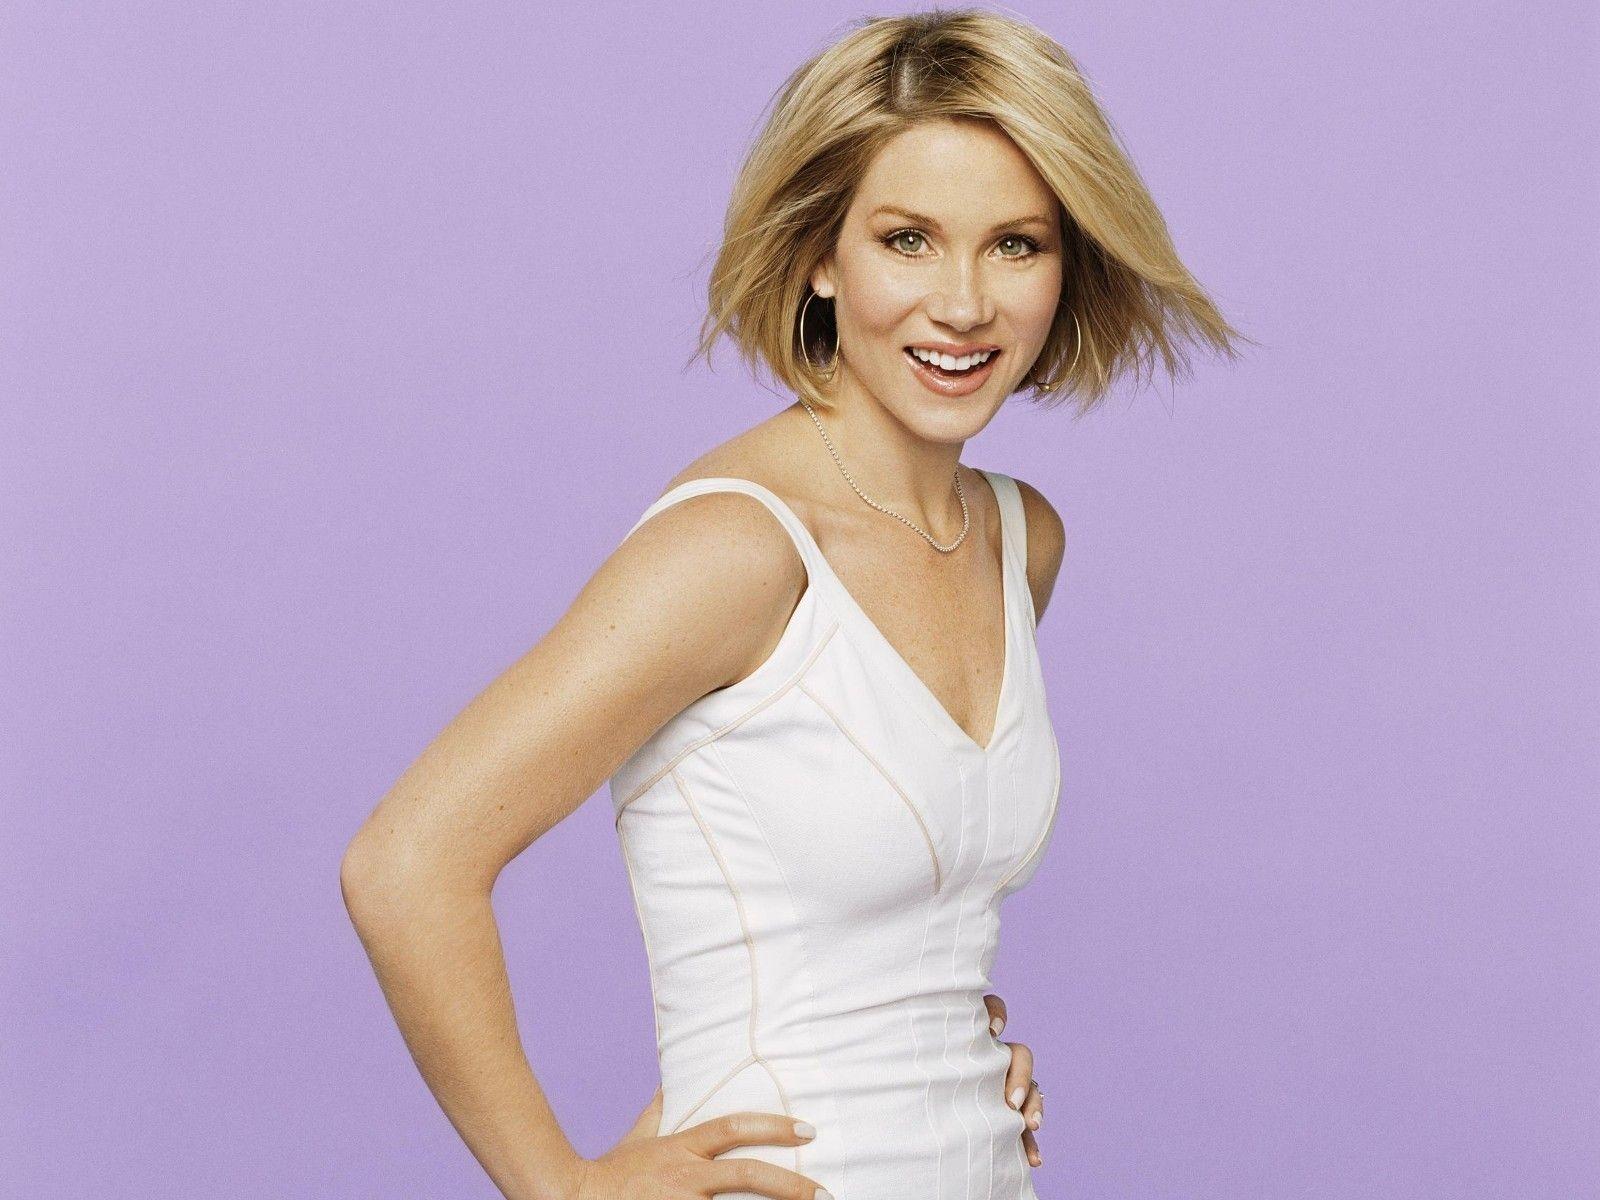 Wallpaper: Christina Applegate fasciata in un seducente abito bianco